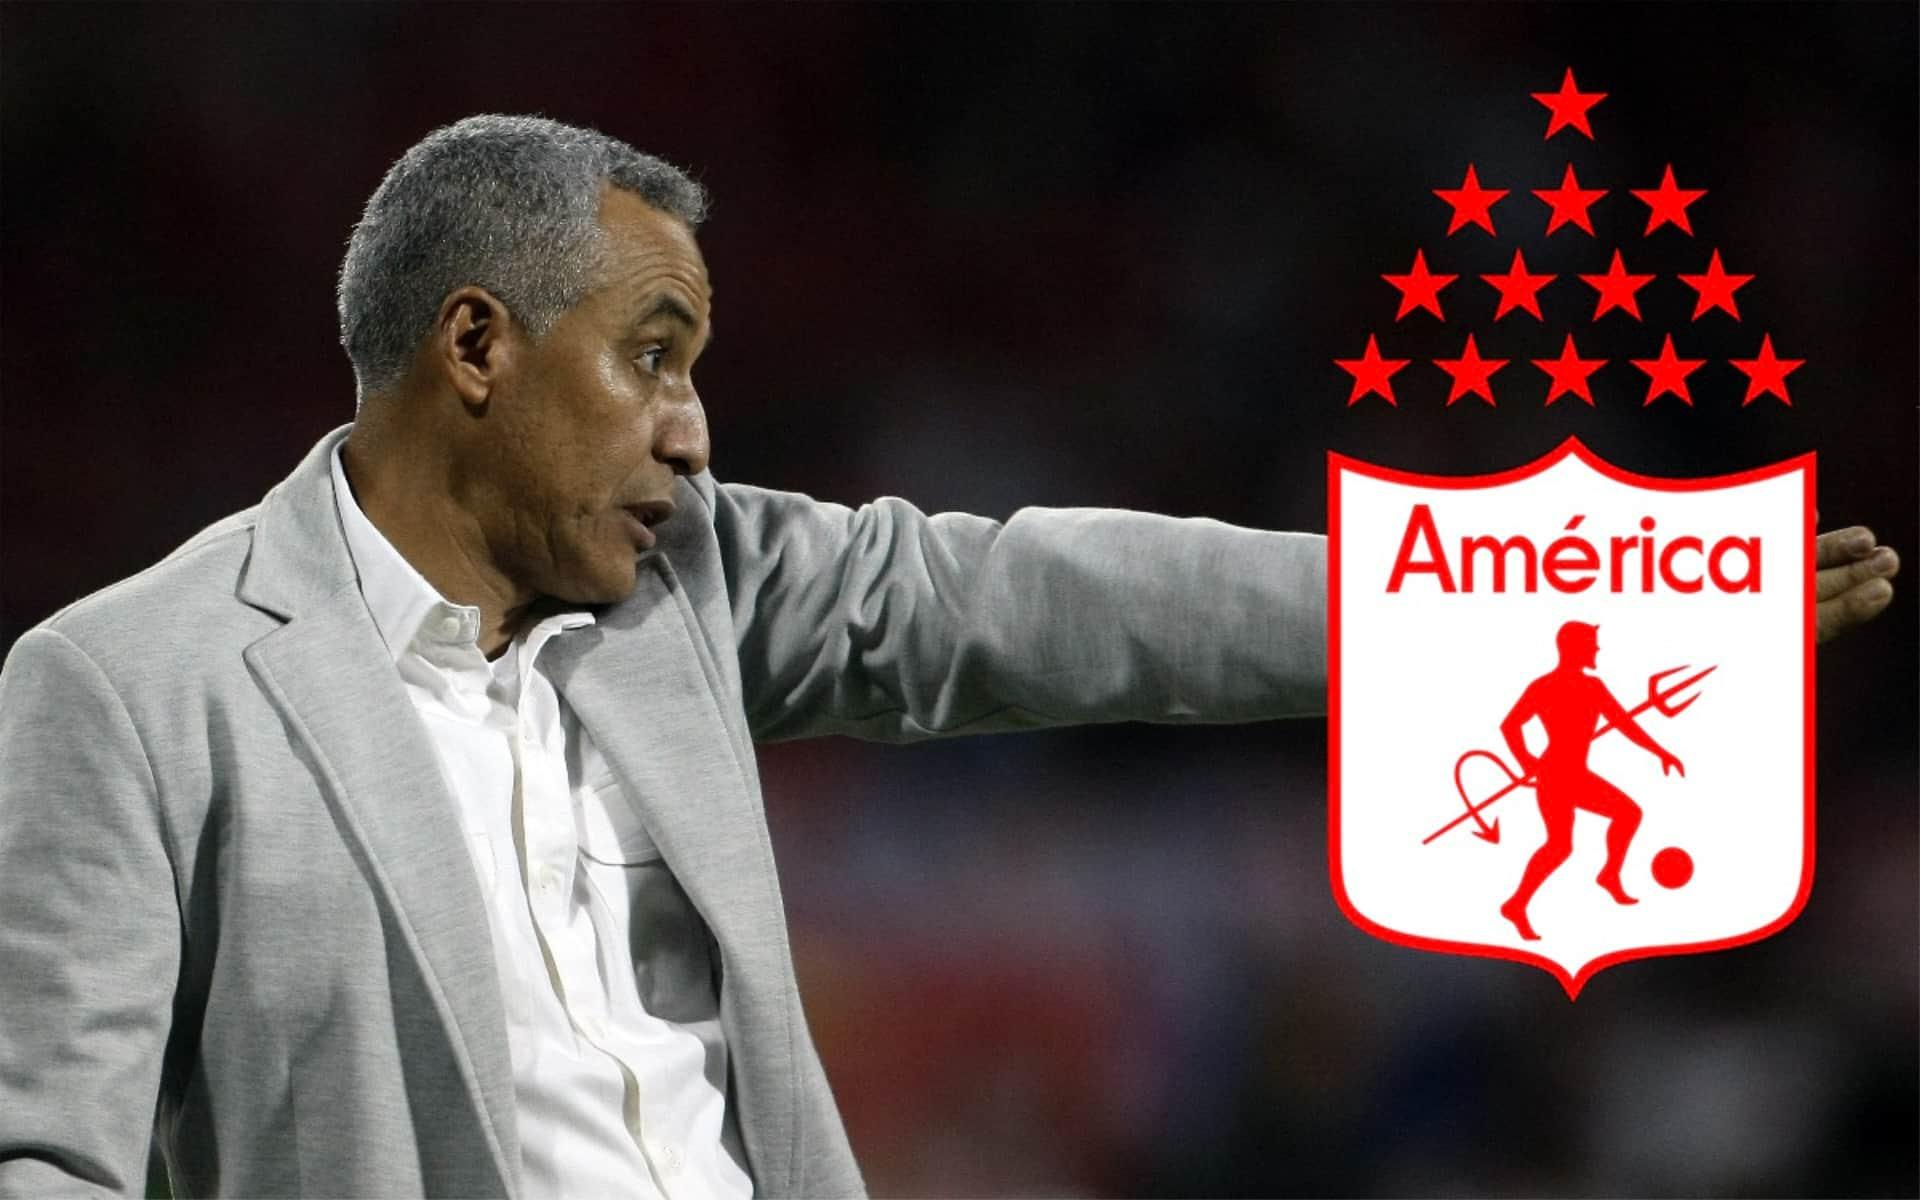 Alexis Mendoza es firme candidato para ser técnico de América de Cali y ya descartaron a Roncón y Escobar